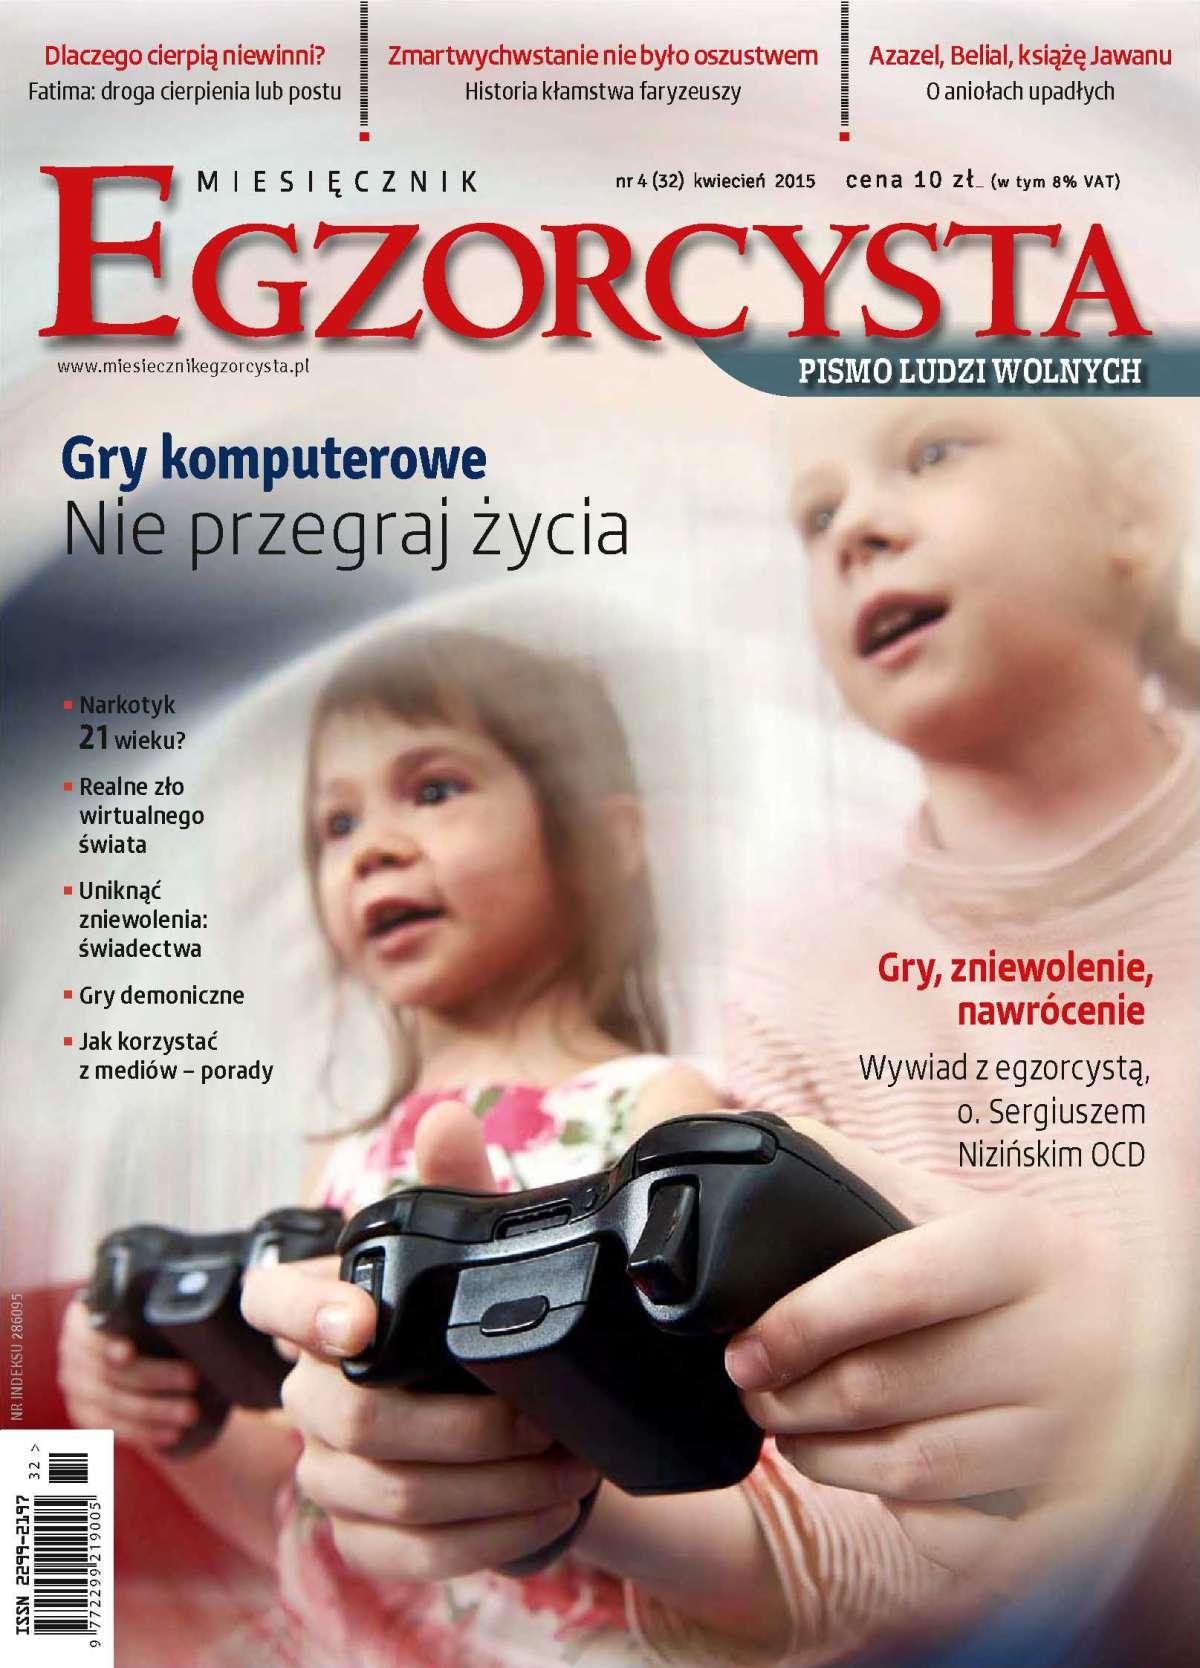 Miesięcznik Egzorcysta. Kwiecień 2015 - Ebook (Książka PDF) do pobrania w formacie PDF